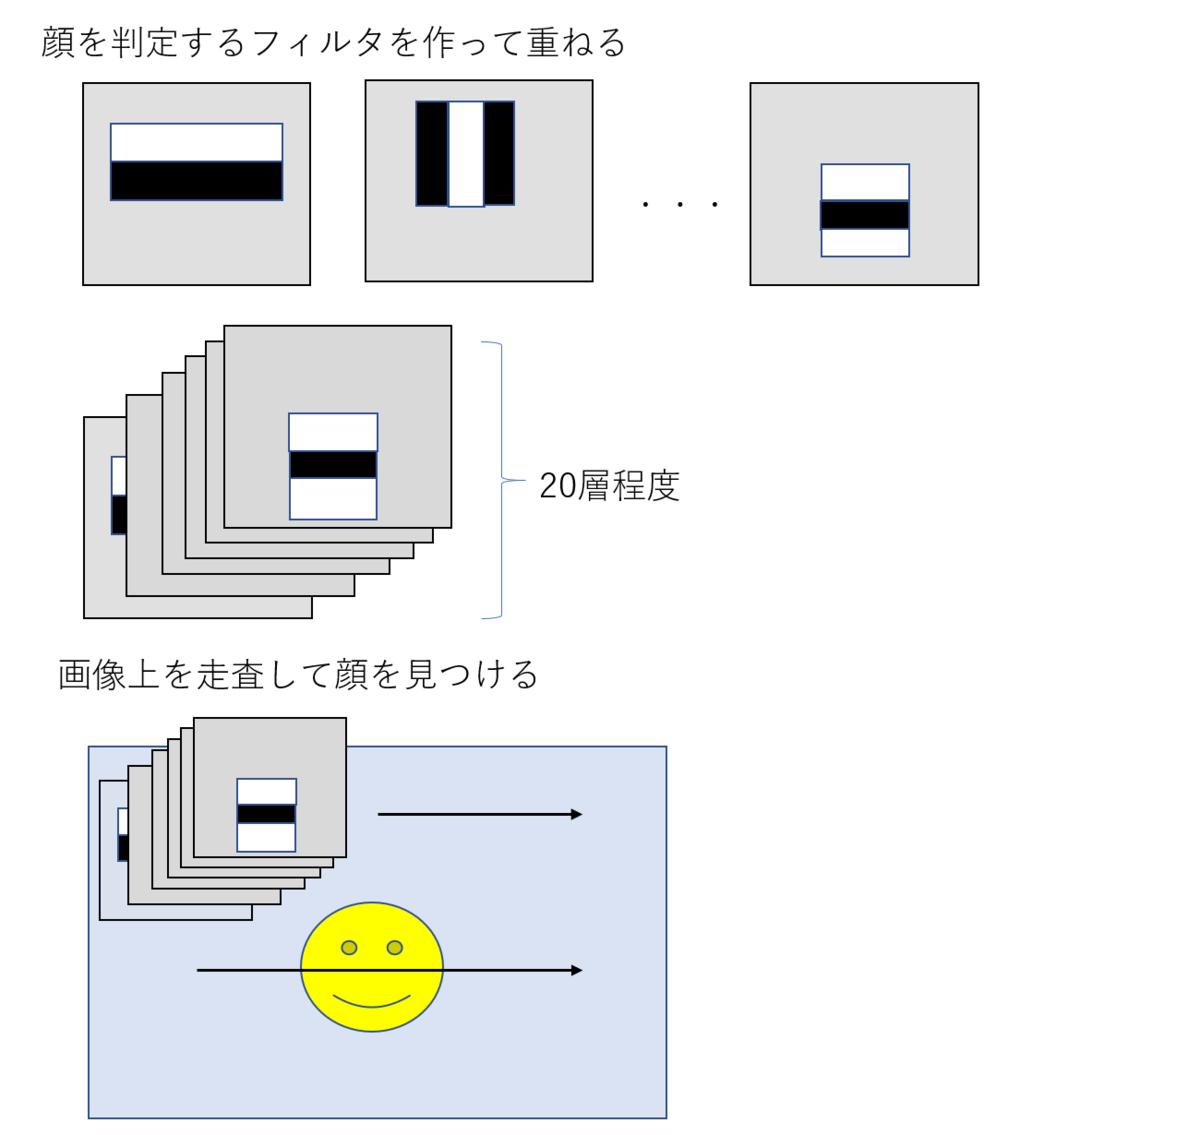 f:id:kasuya_ug:20200218201204p:plain